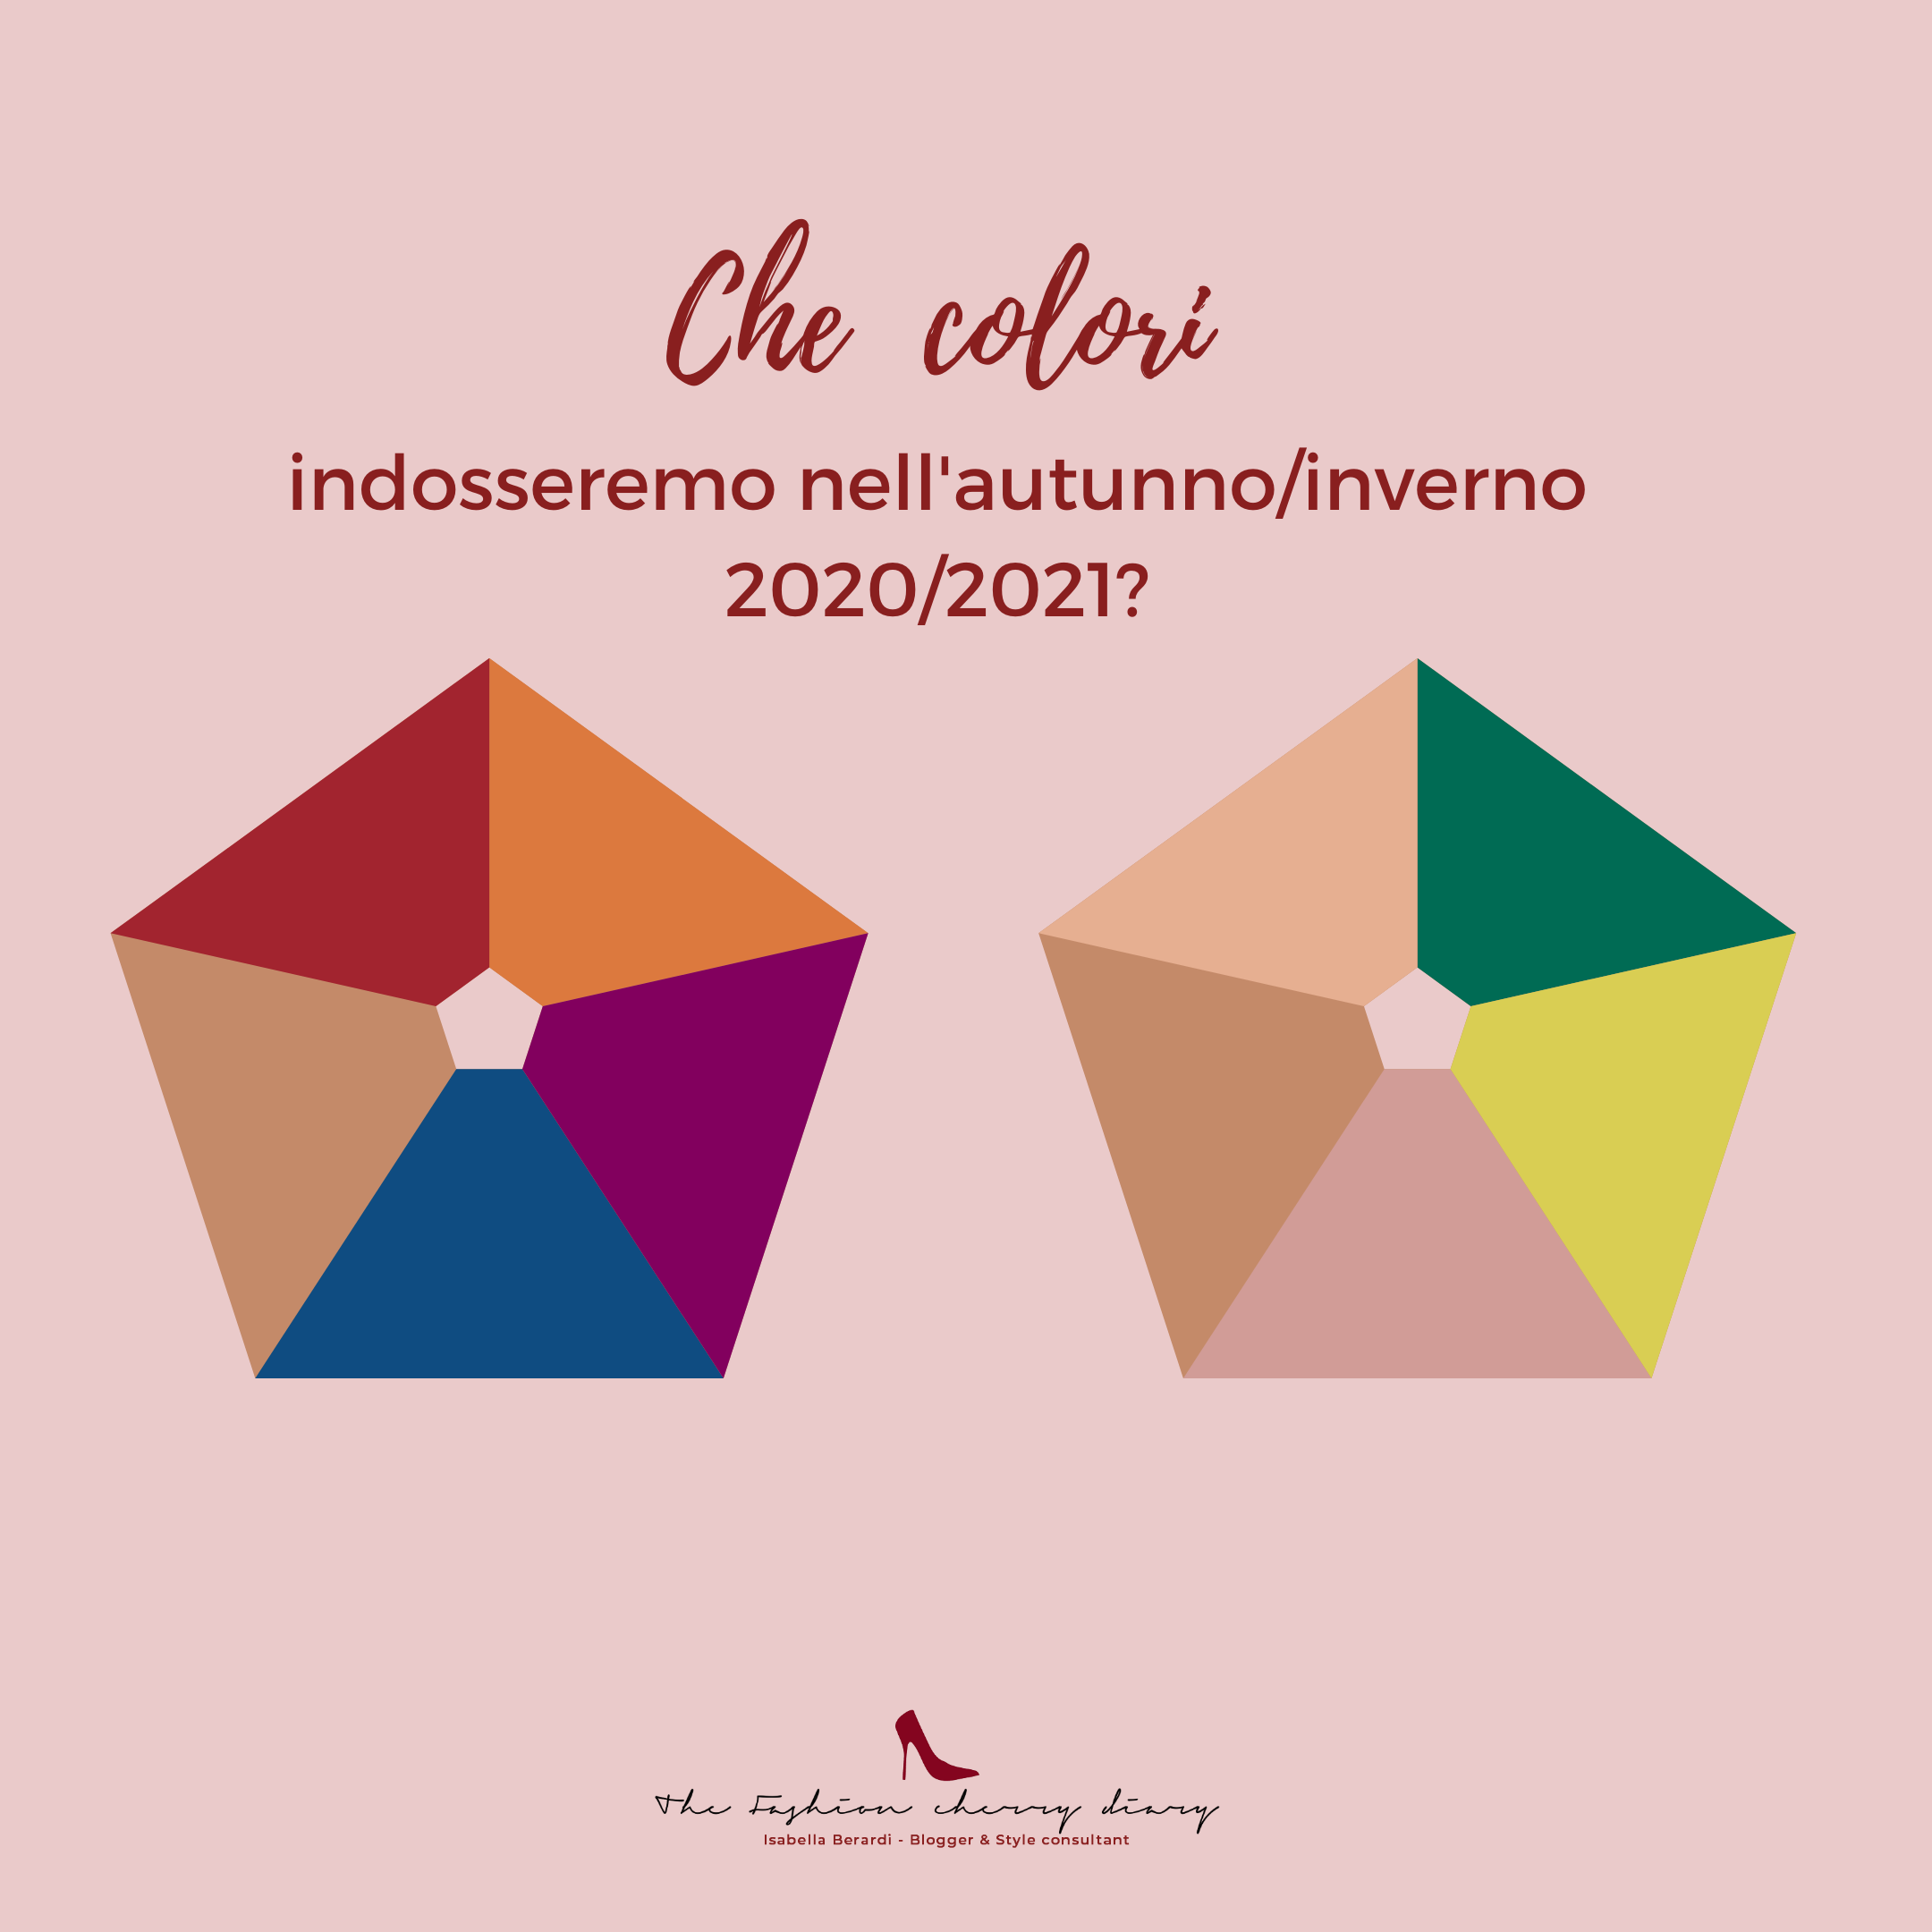 che colori indosseremo in questo autunno-inverno 2020/2021